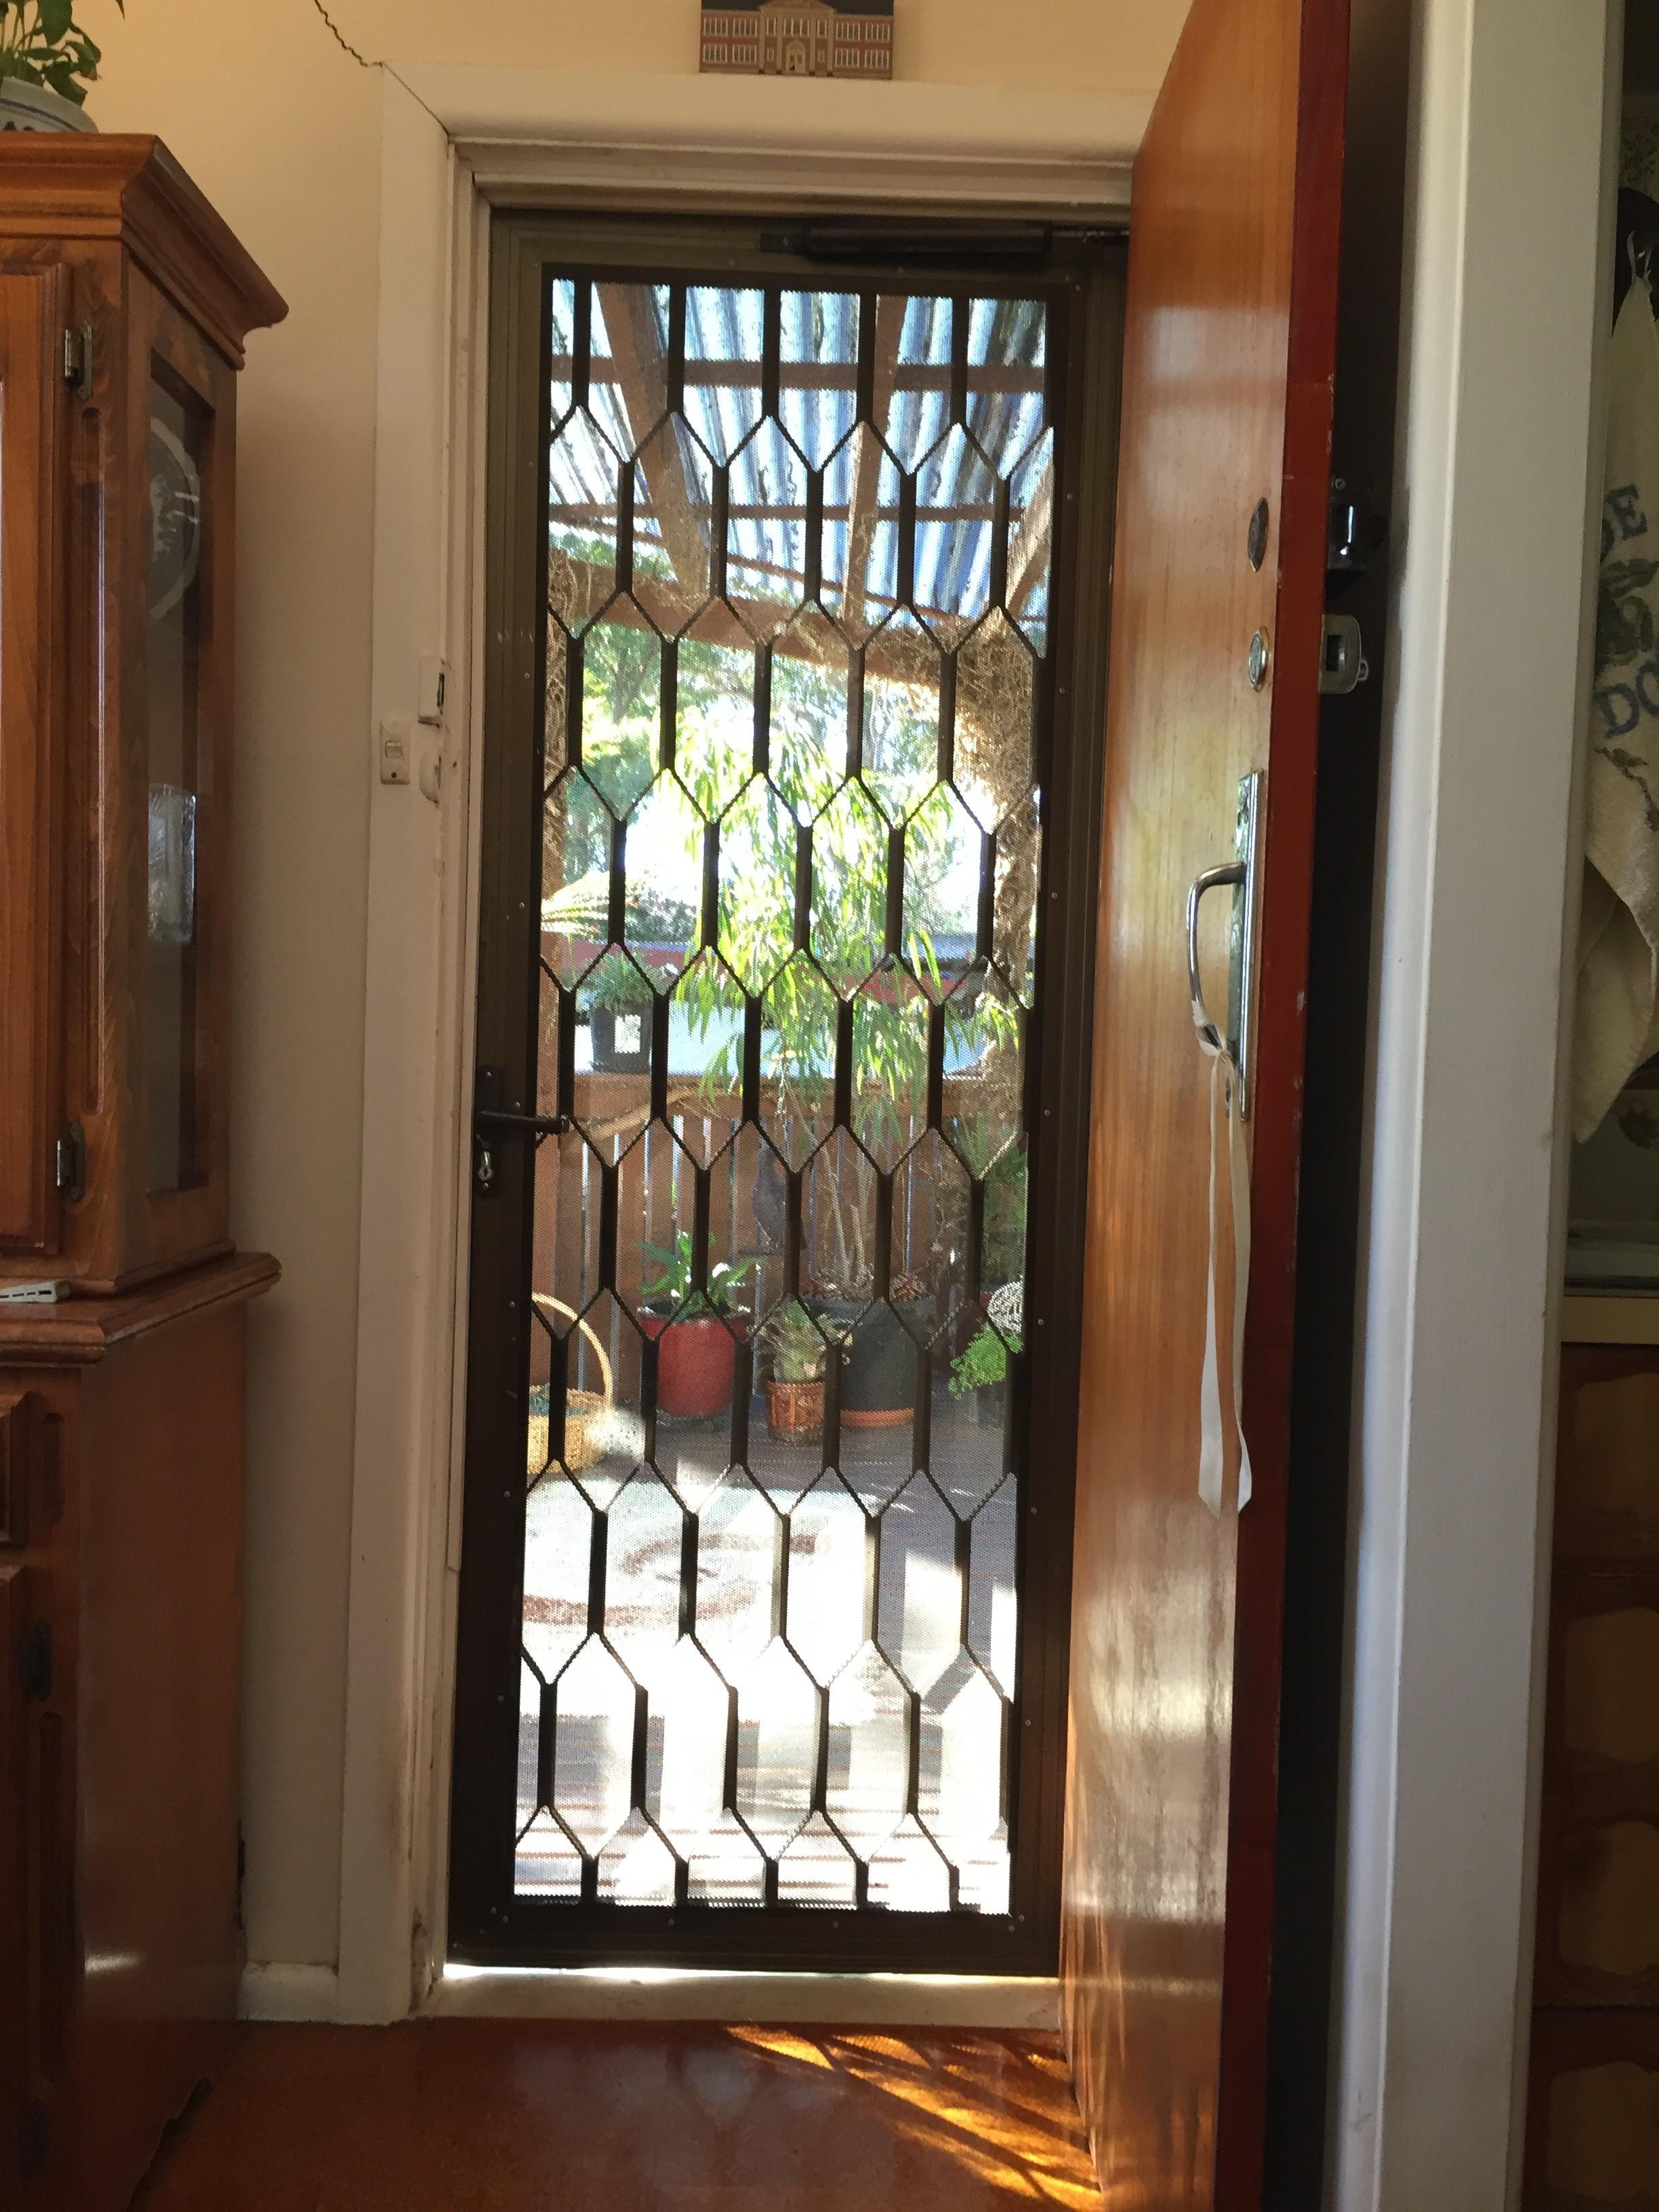 3c - Old Screen Door